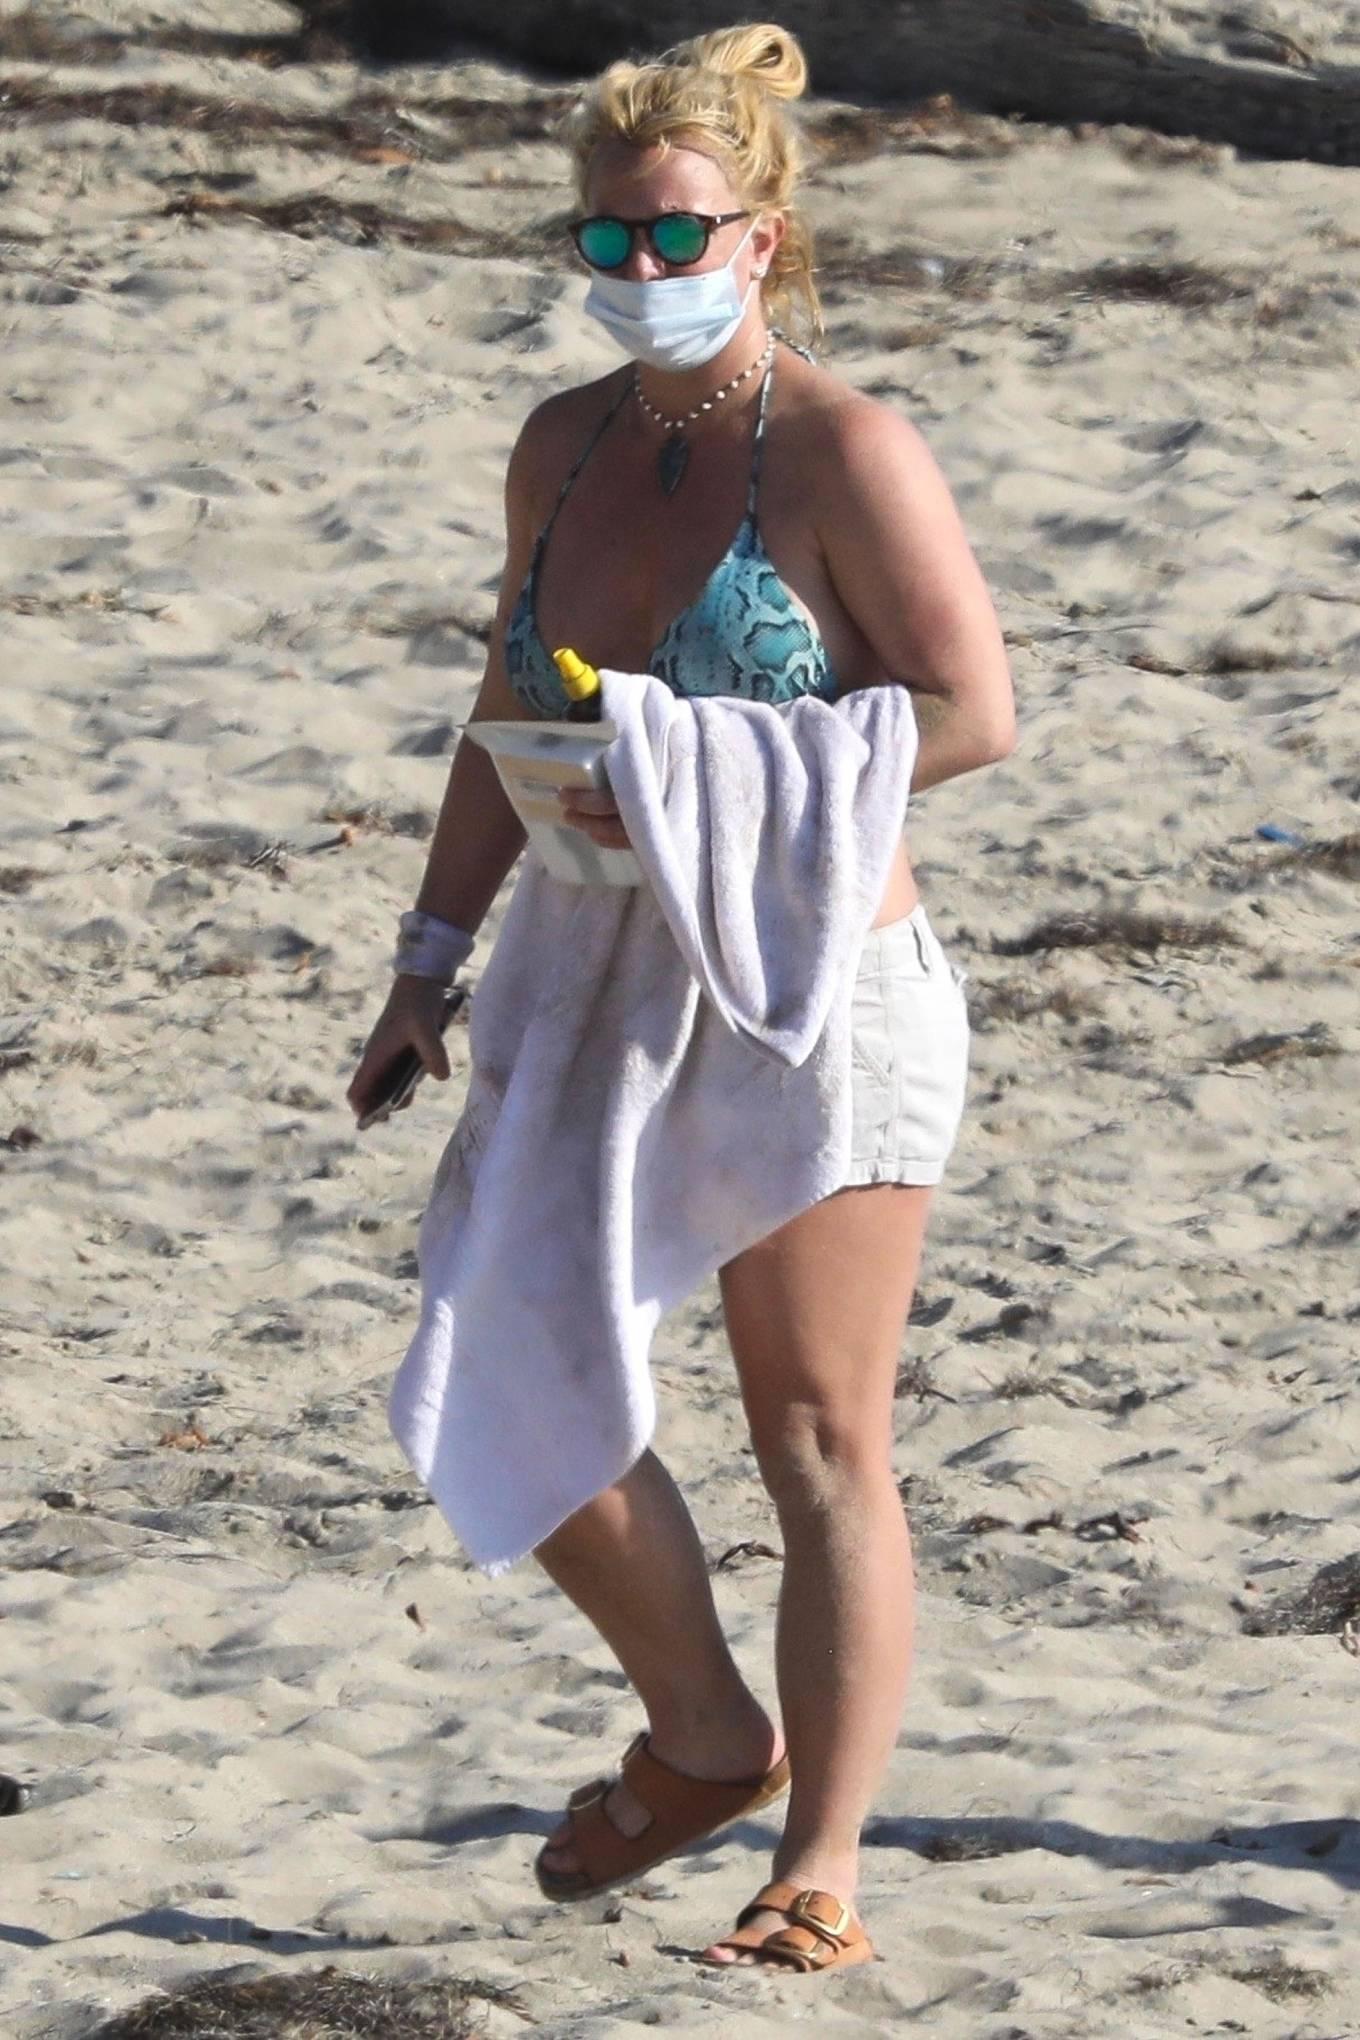 Uncategorized 2020 : Britney Spears – In Bikini at a Beach in Malibu-20